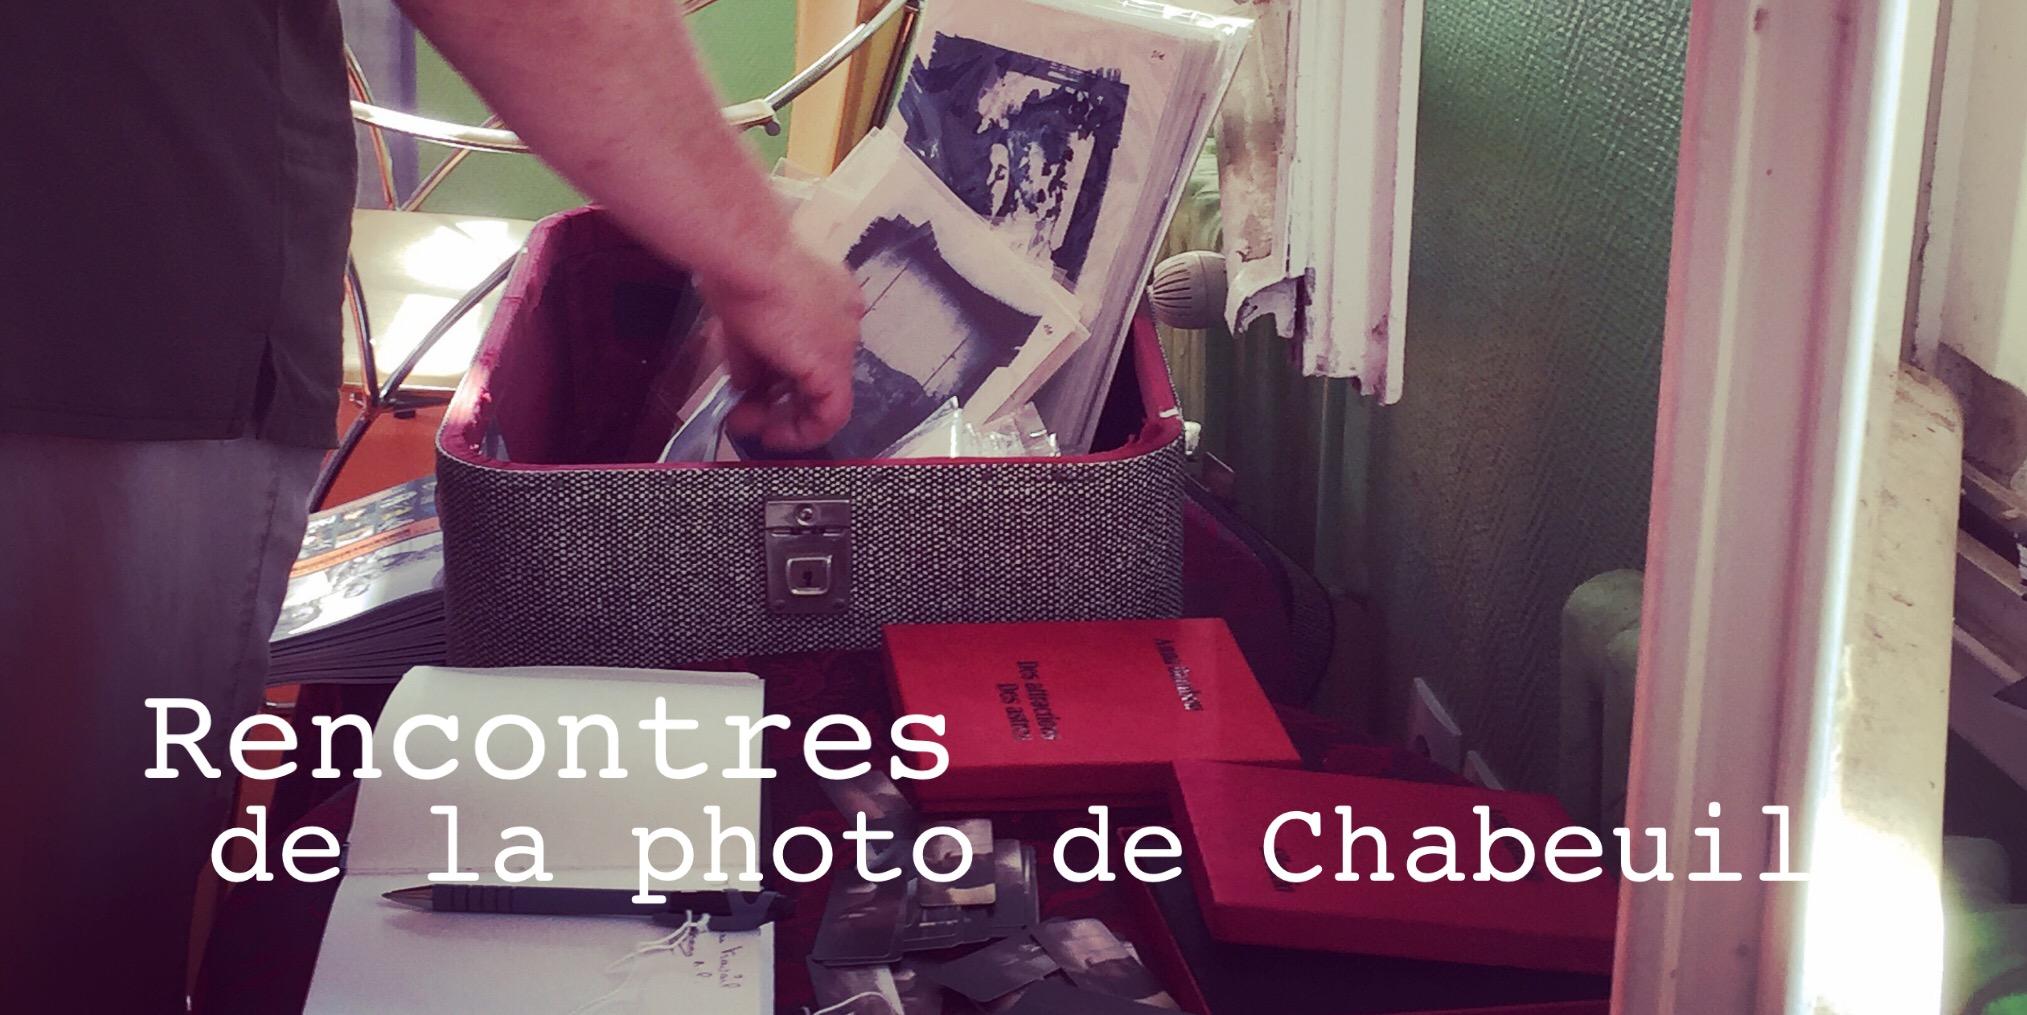 Septembre aux Rencontres de la photo de Chabeuil